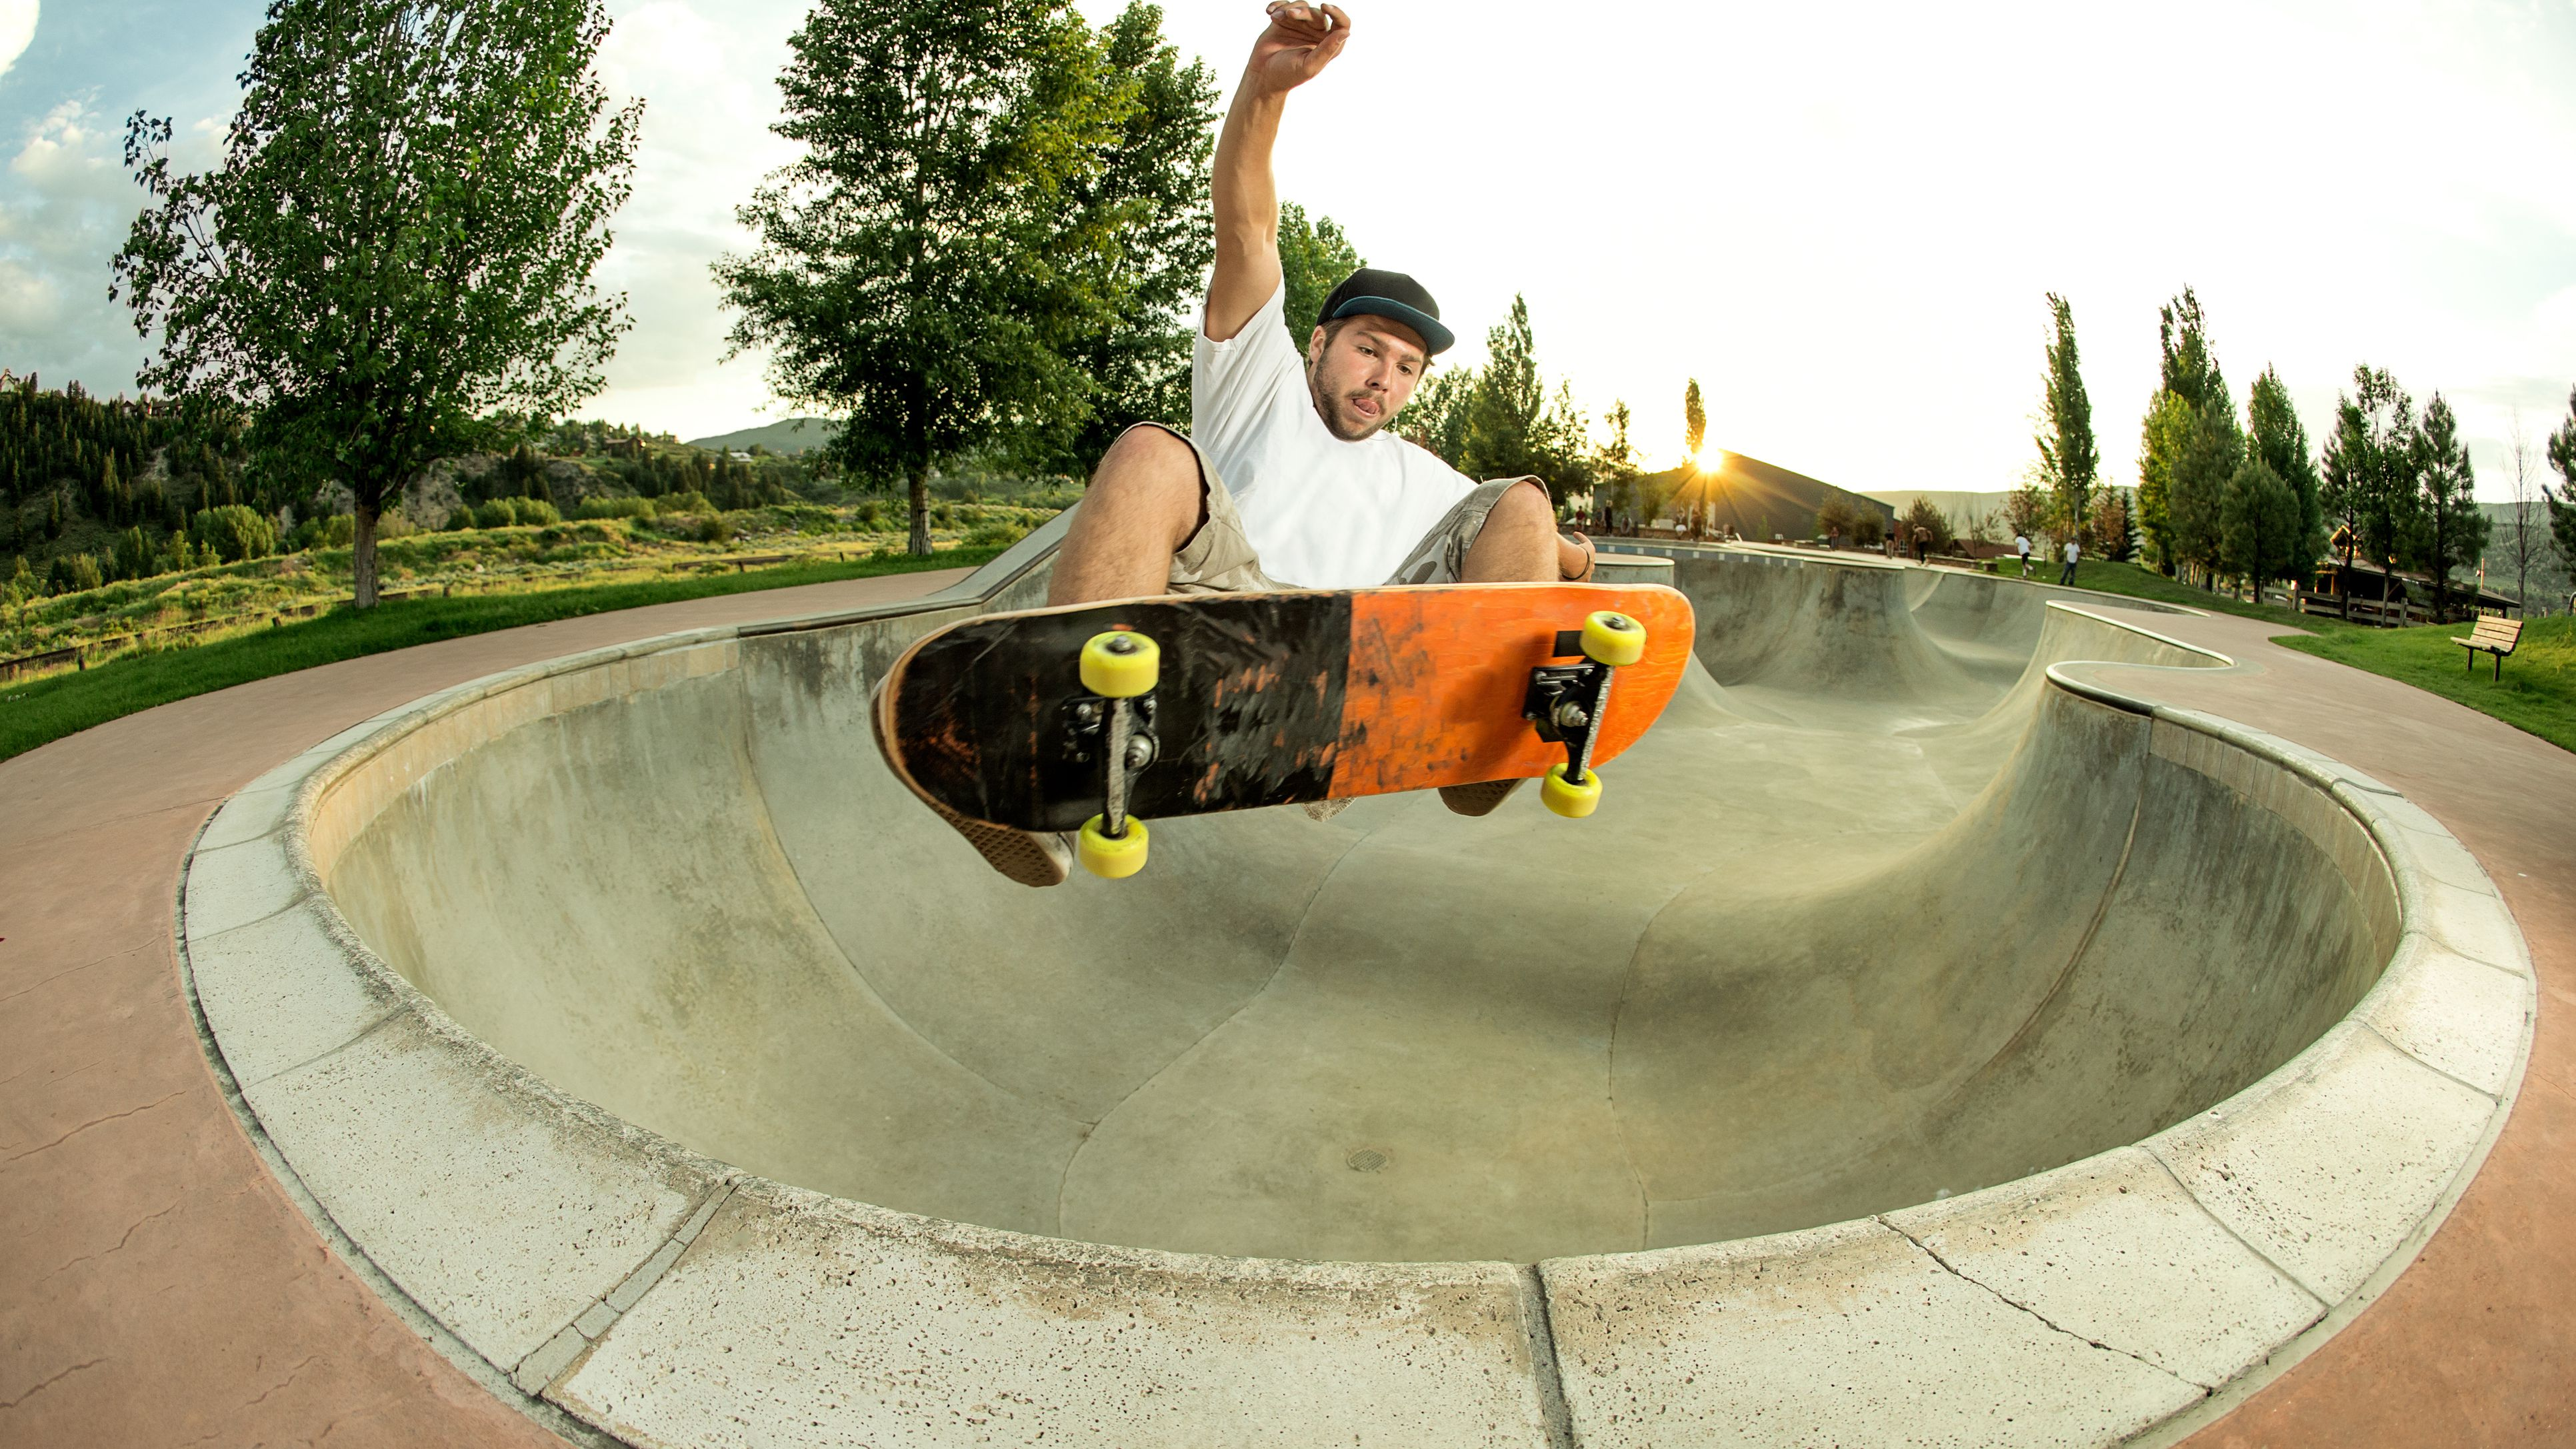 best skateboard trucks of